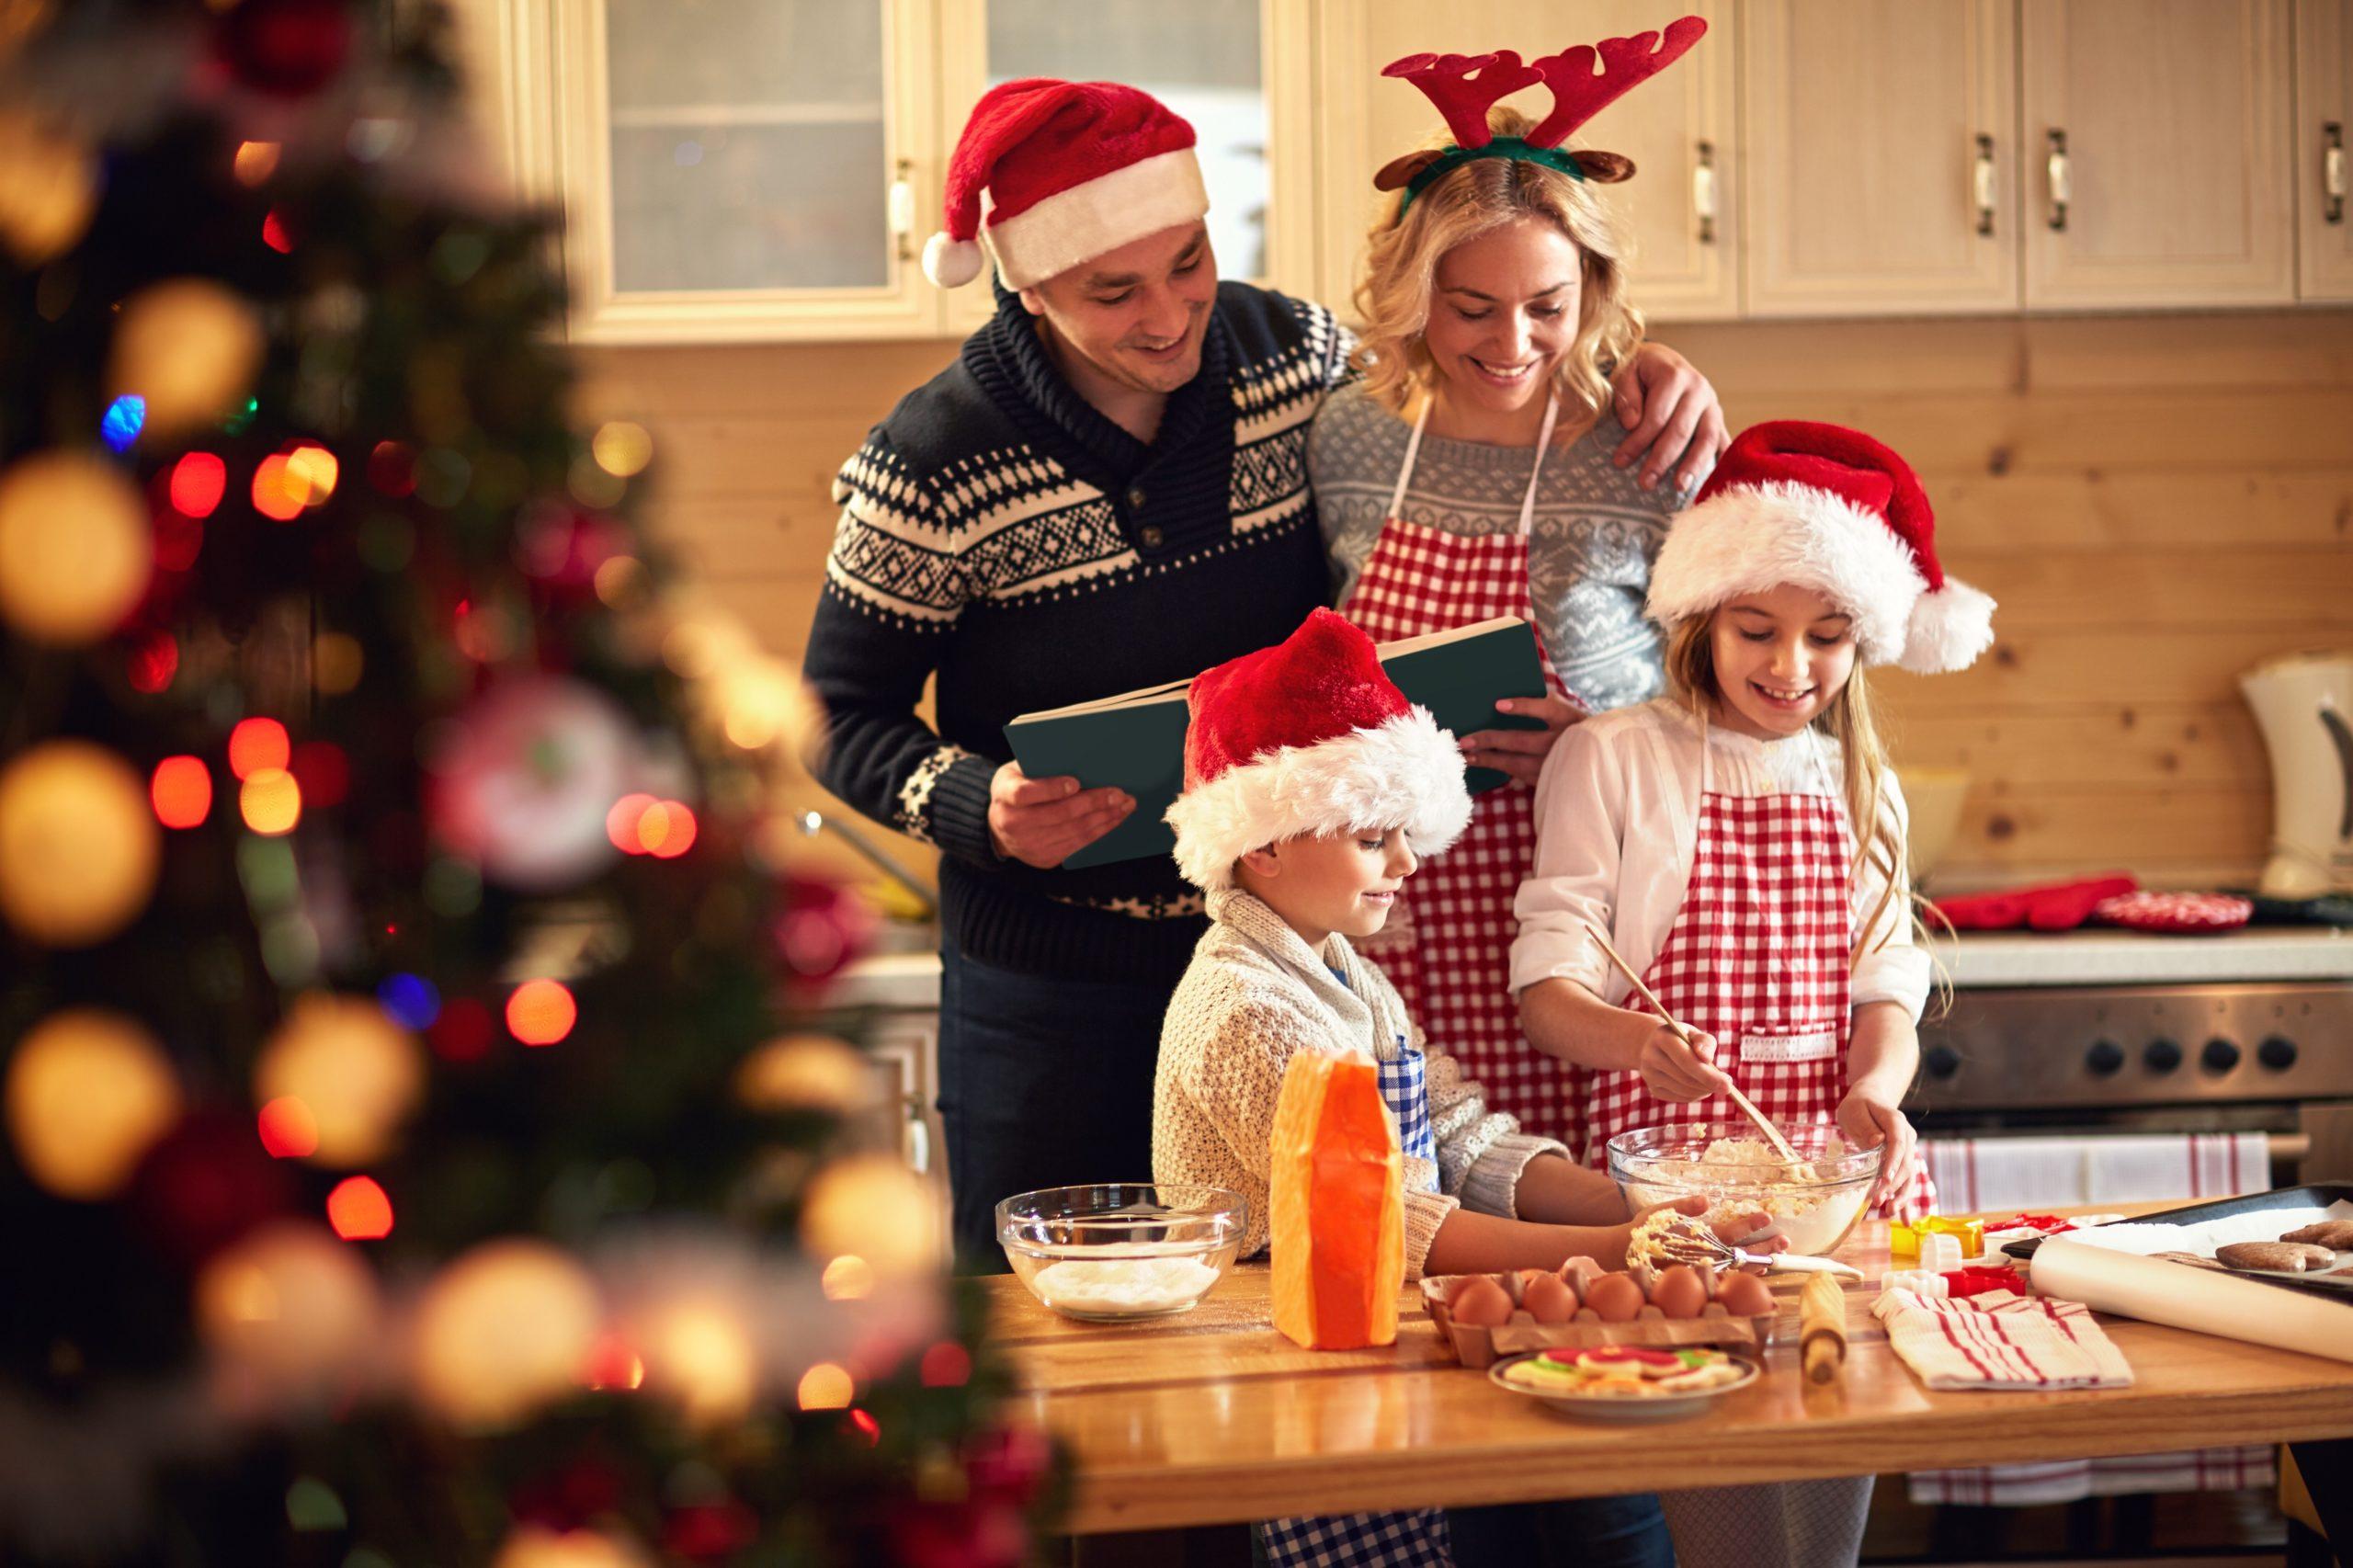 Жителям Тверской области рекомендовали провести новогодние праздники в кругу семьи